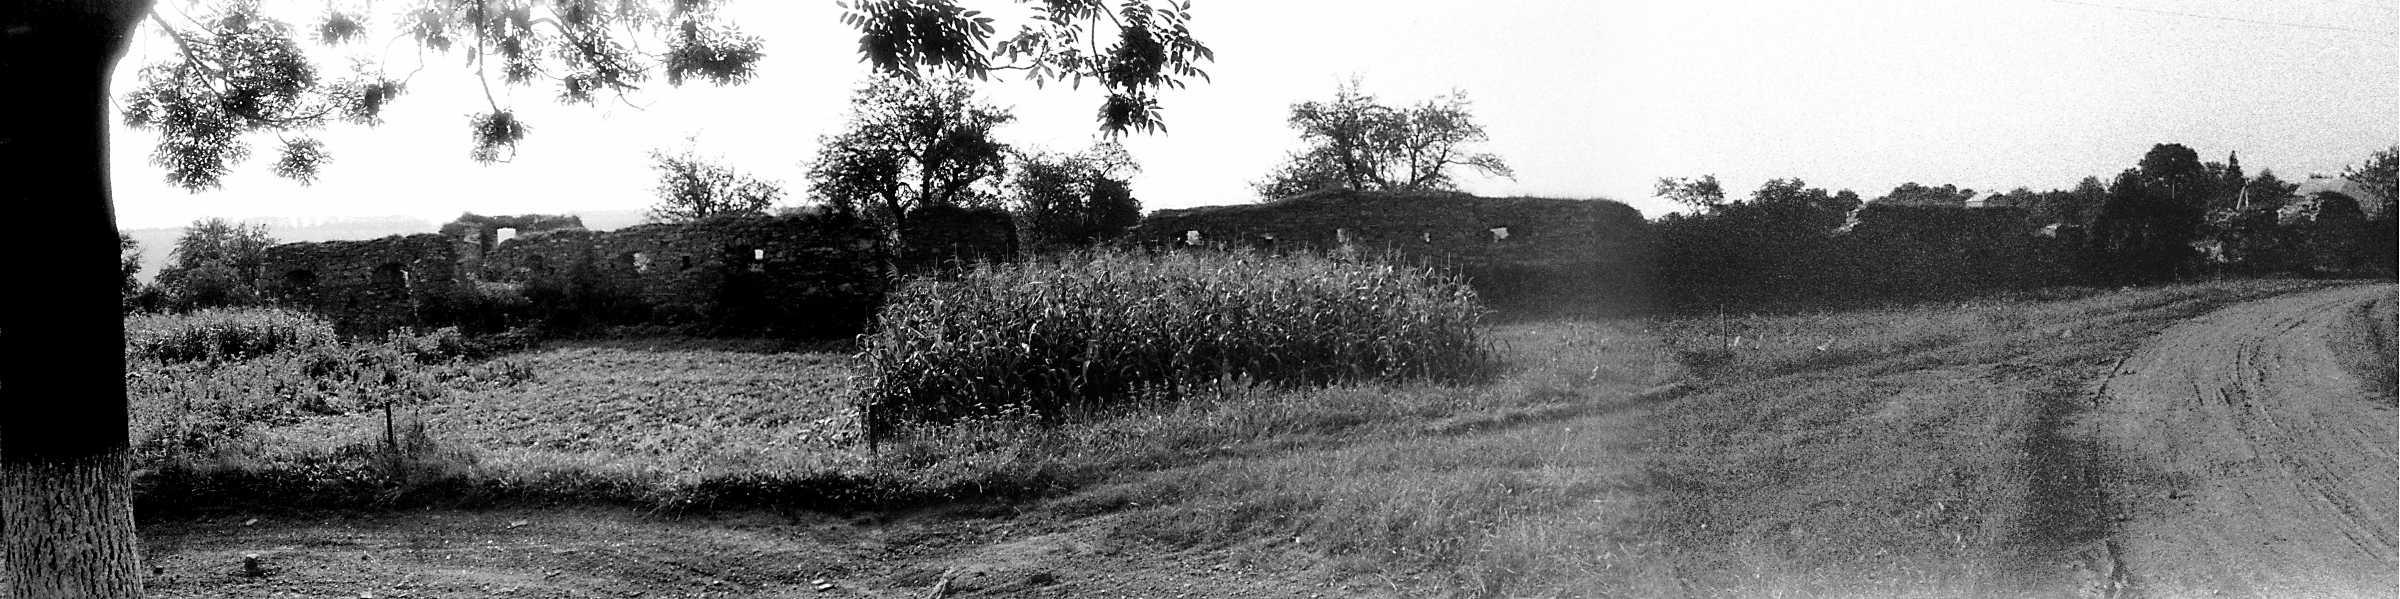 1991 р. Панорама з південного сходу